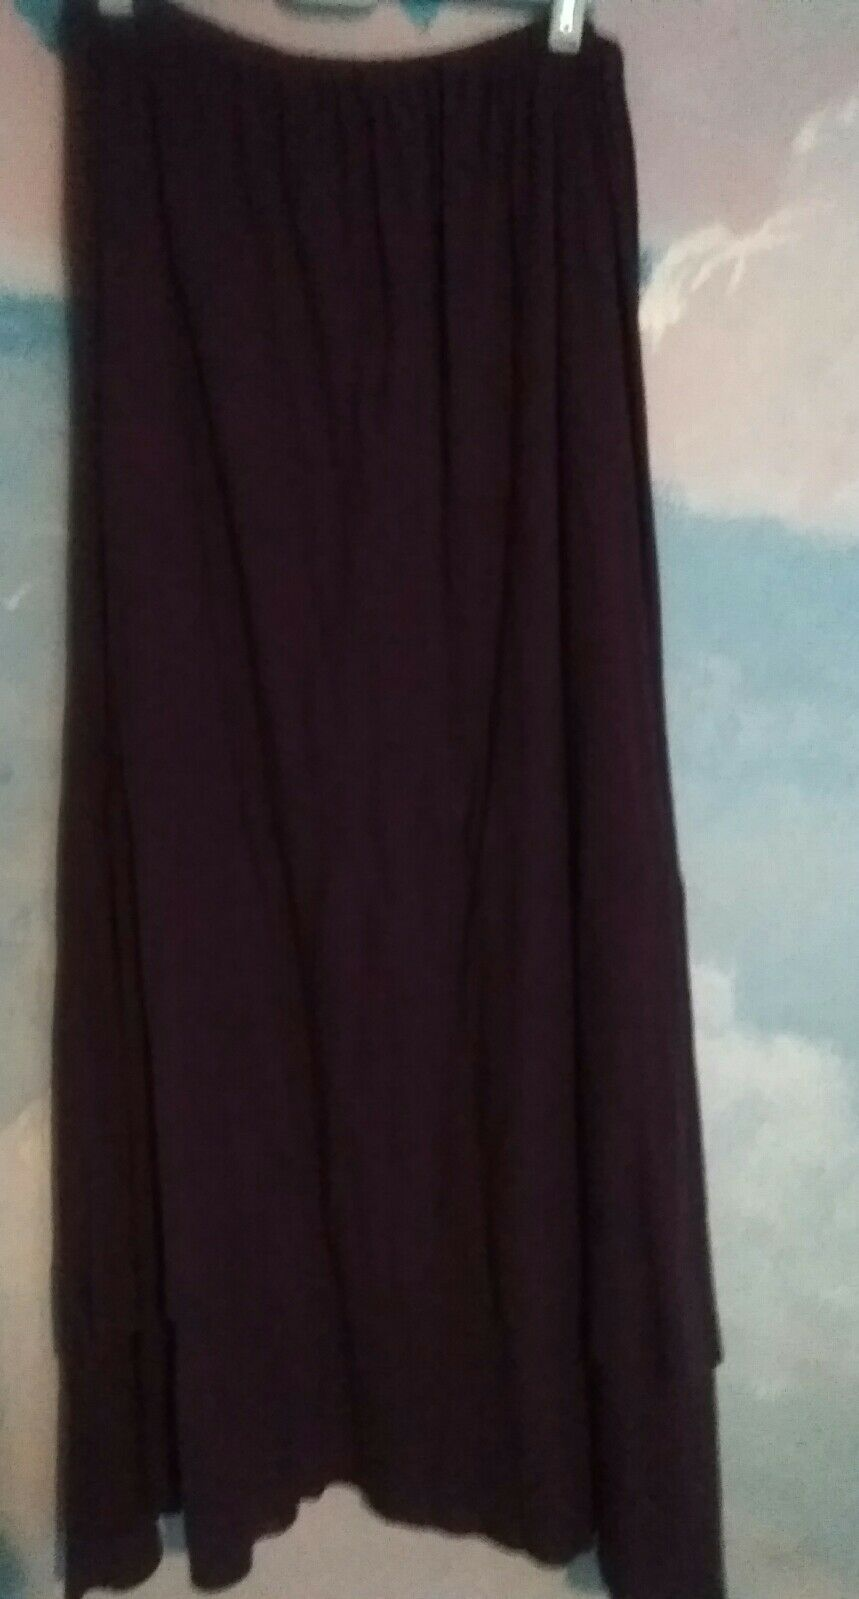 Mes soeurs st moi Fanny Skirt in 100% Cotton Knit in Dark Purple,  L